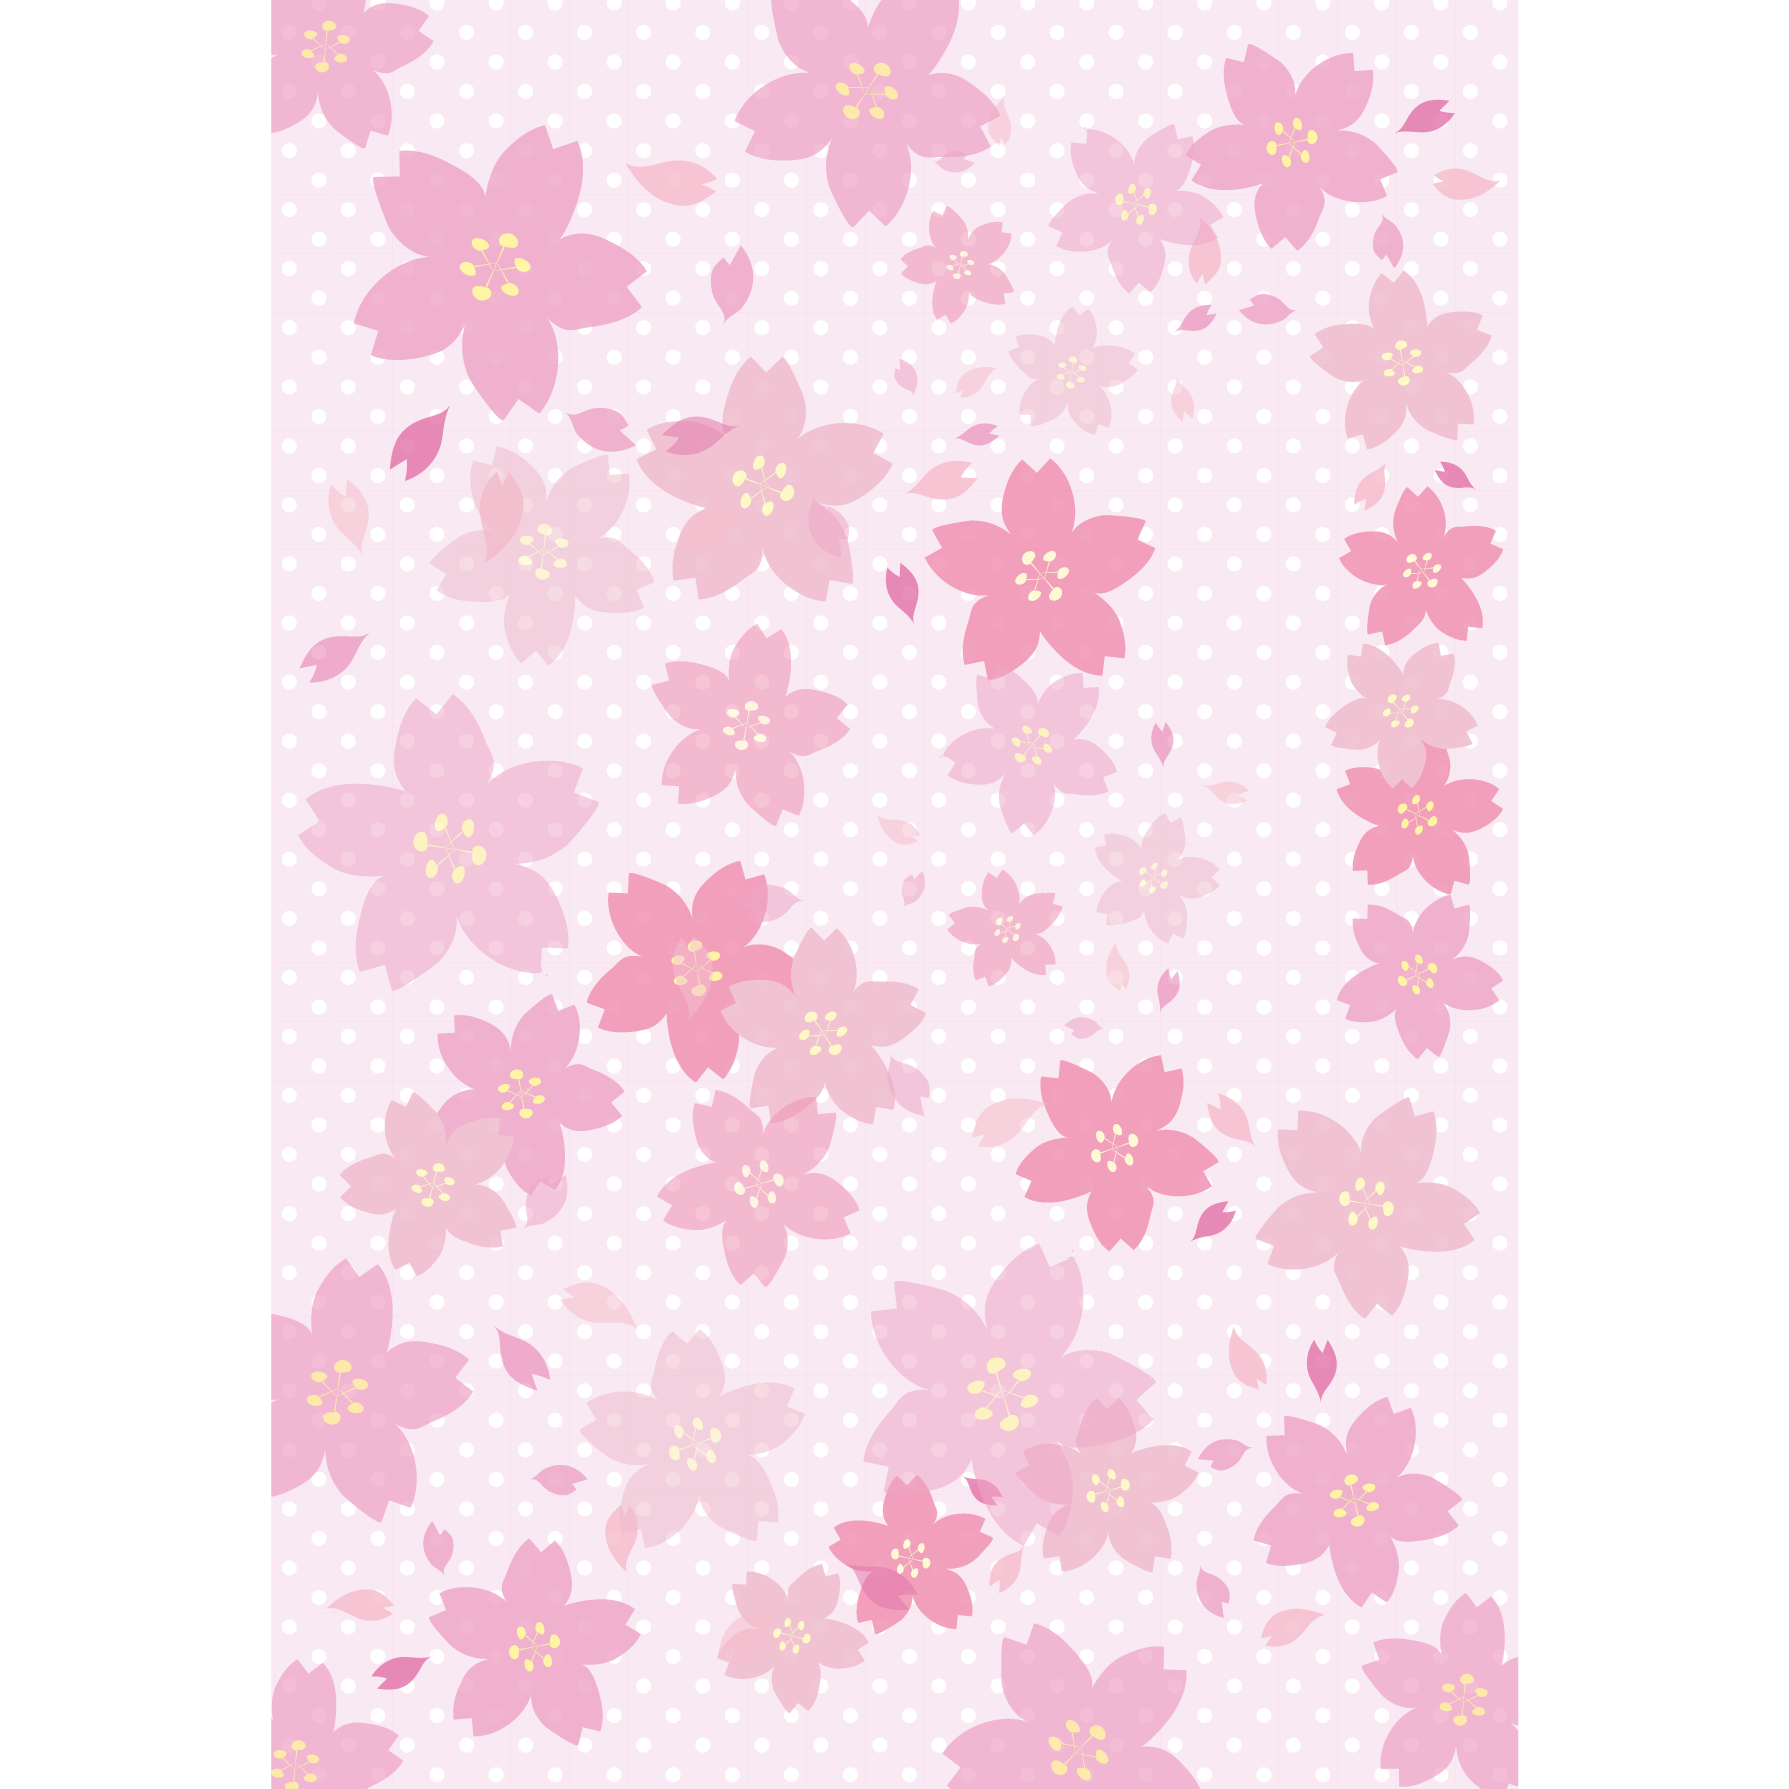 桜(サクラ)のかわいい背景素材 フリー イラスト a4サイズ | 商用